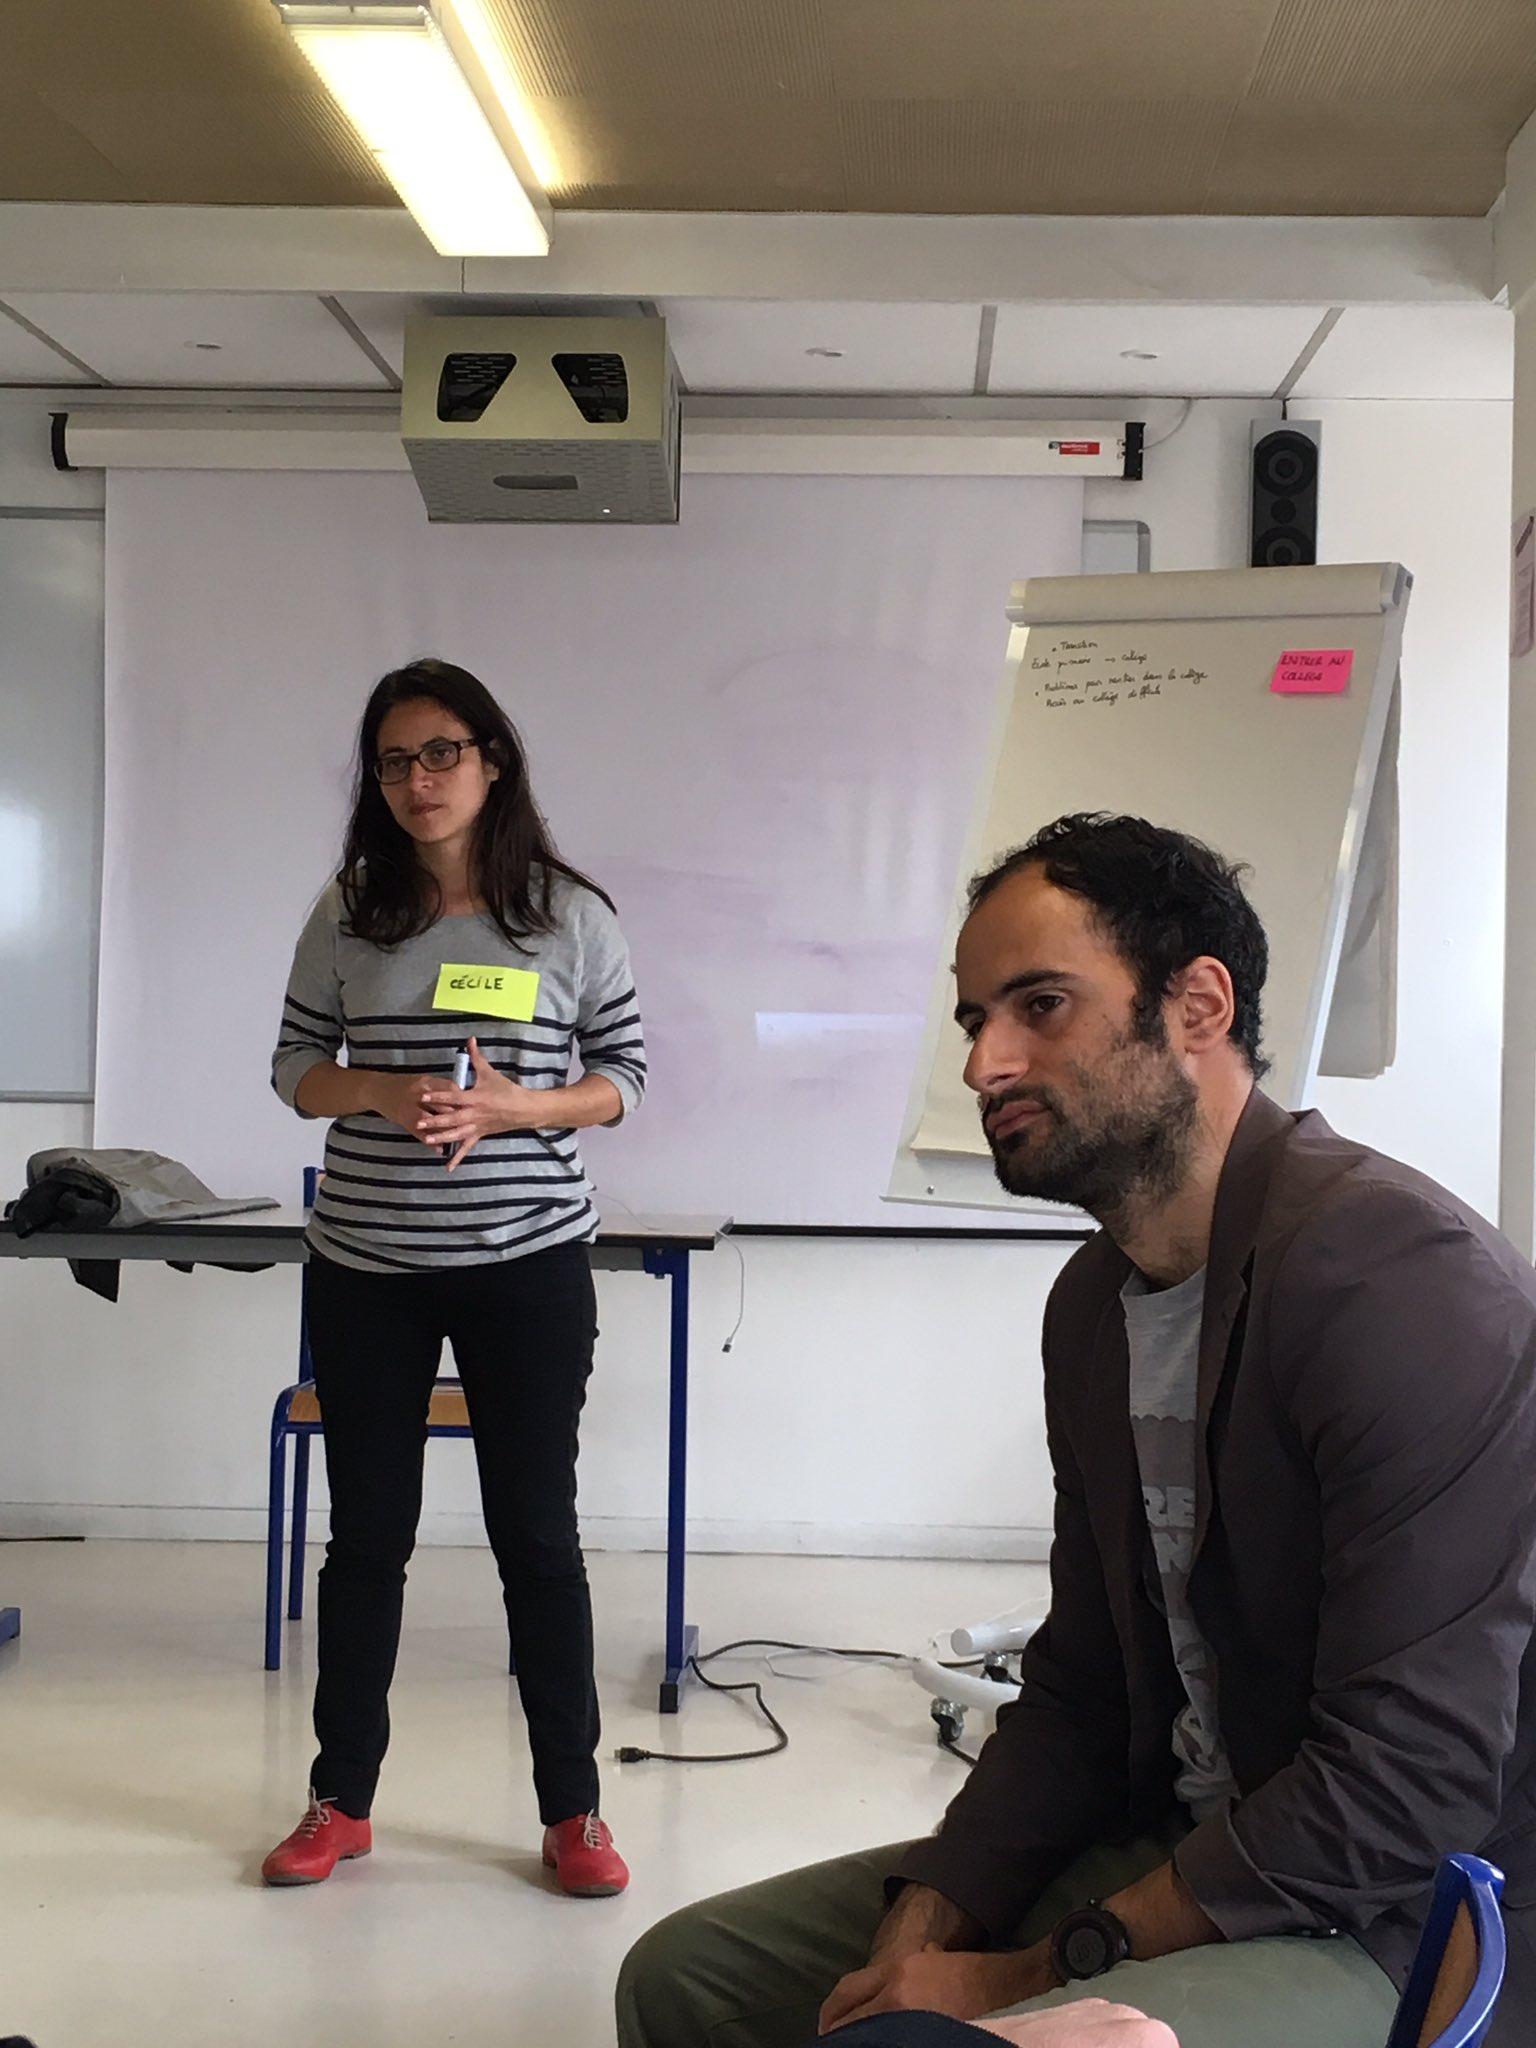 Cécile et @samgoeta animent l'atelier et expliquent l'objectif de la journée: comprendre les besoins réels des allocataires de la CAF du 18e https://t.co/tk0zWsRgf5